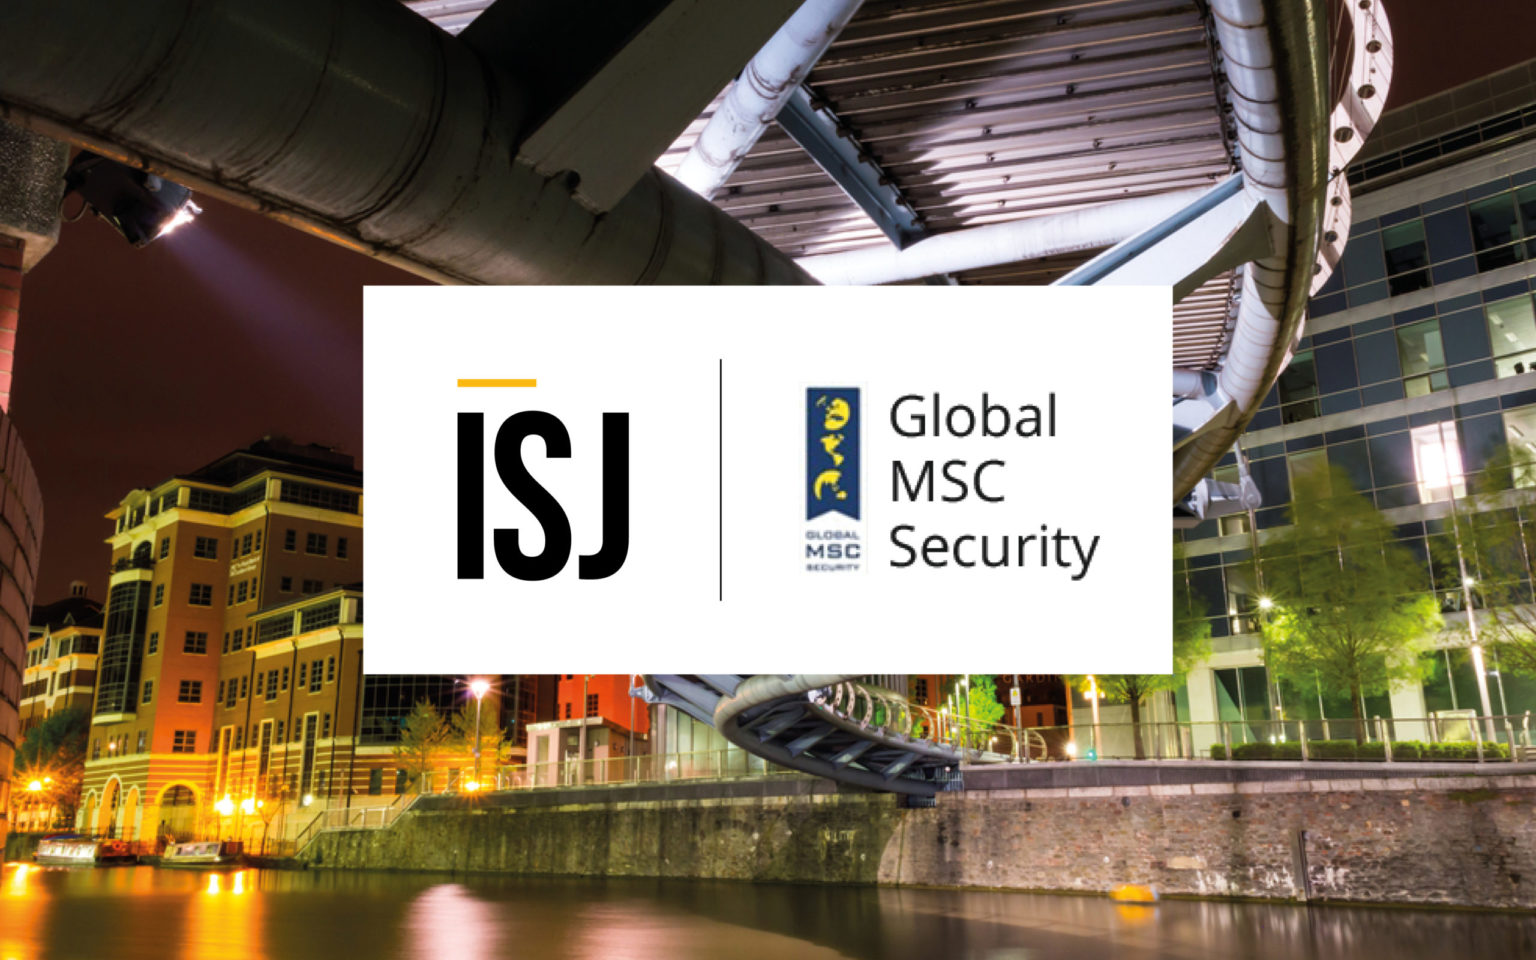 Global MSC